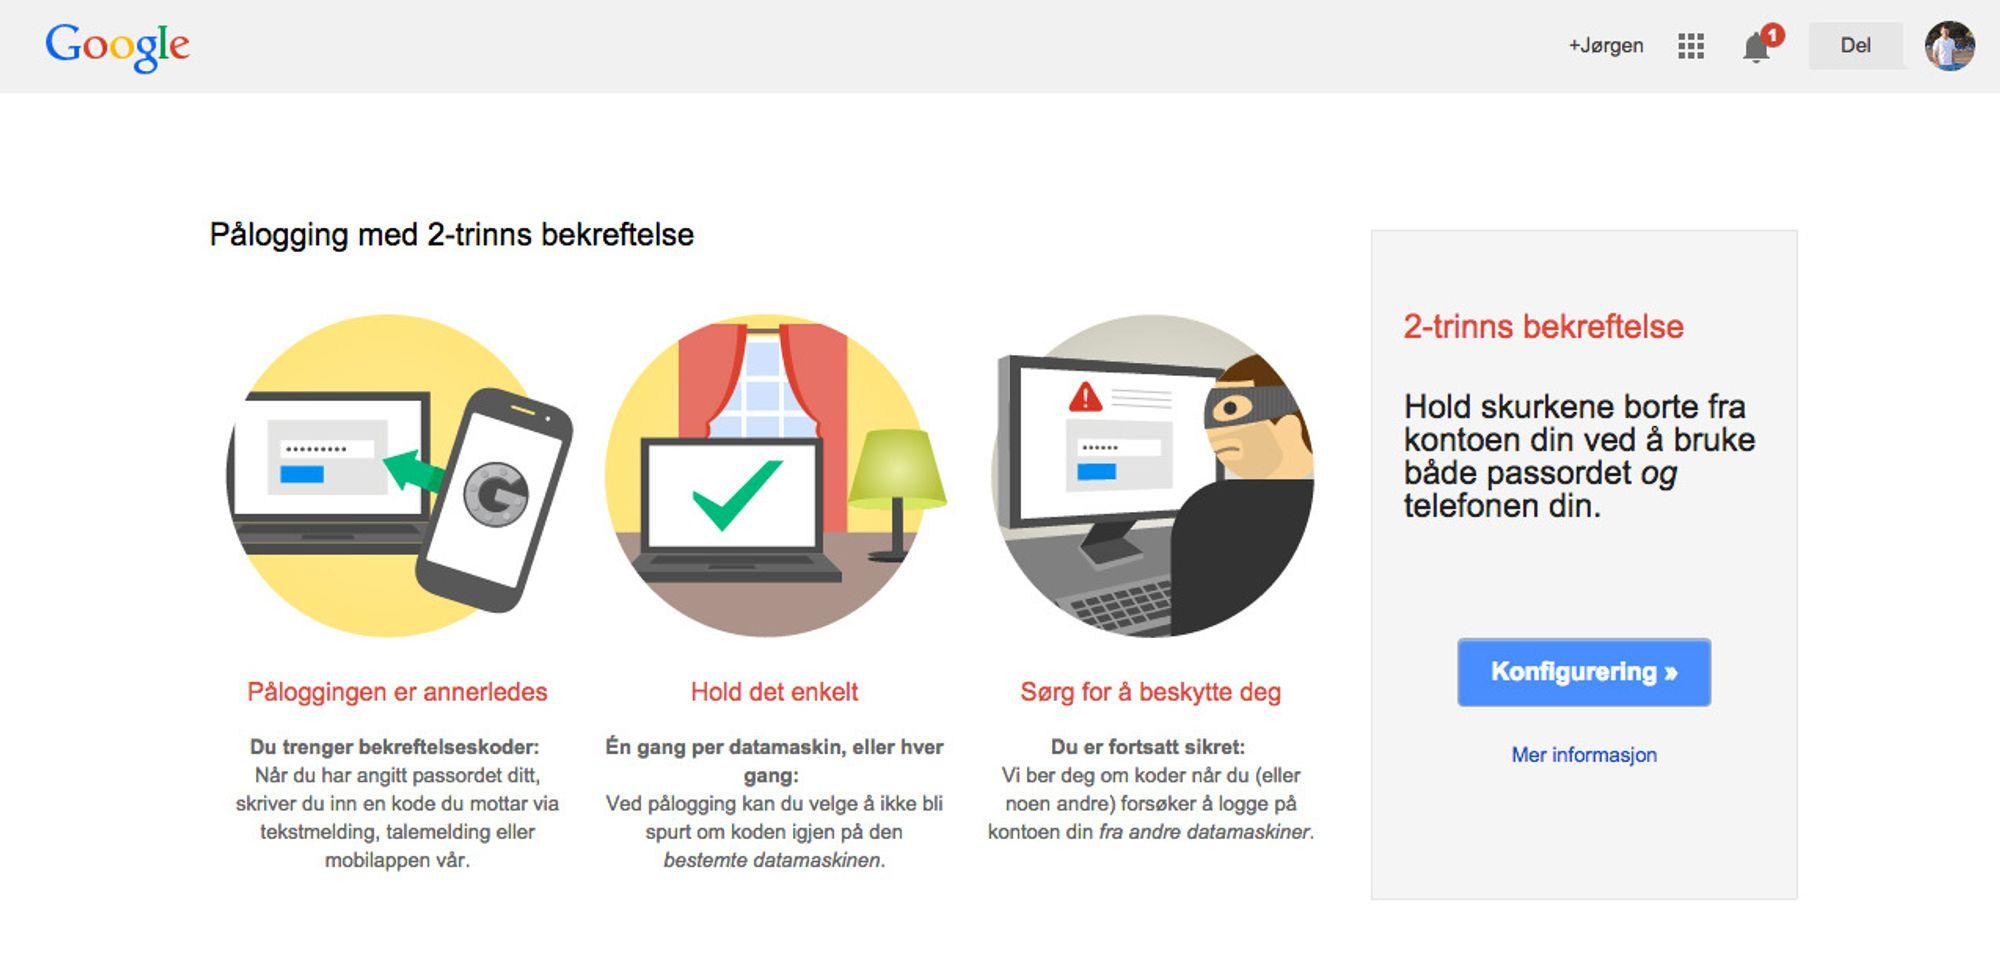 opprette google konto for bedrift